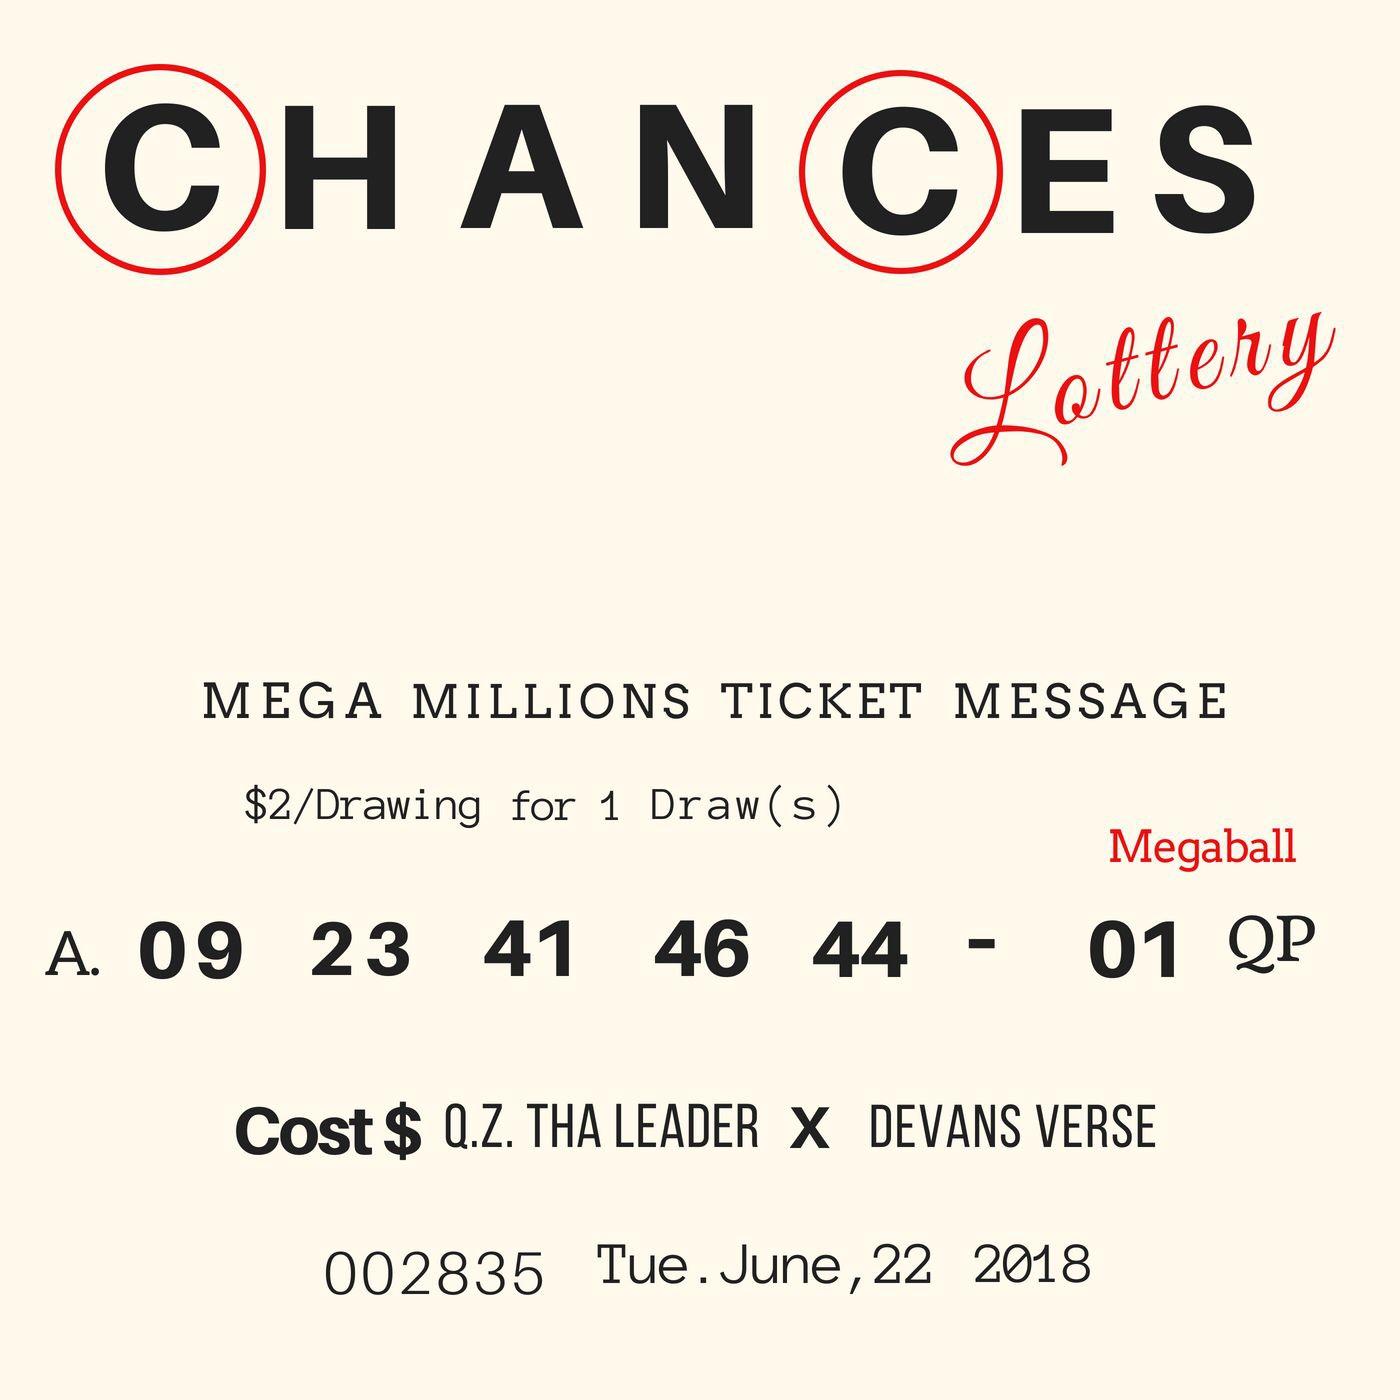 Chances Cover Art 1400x1400.JPG